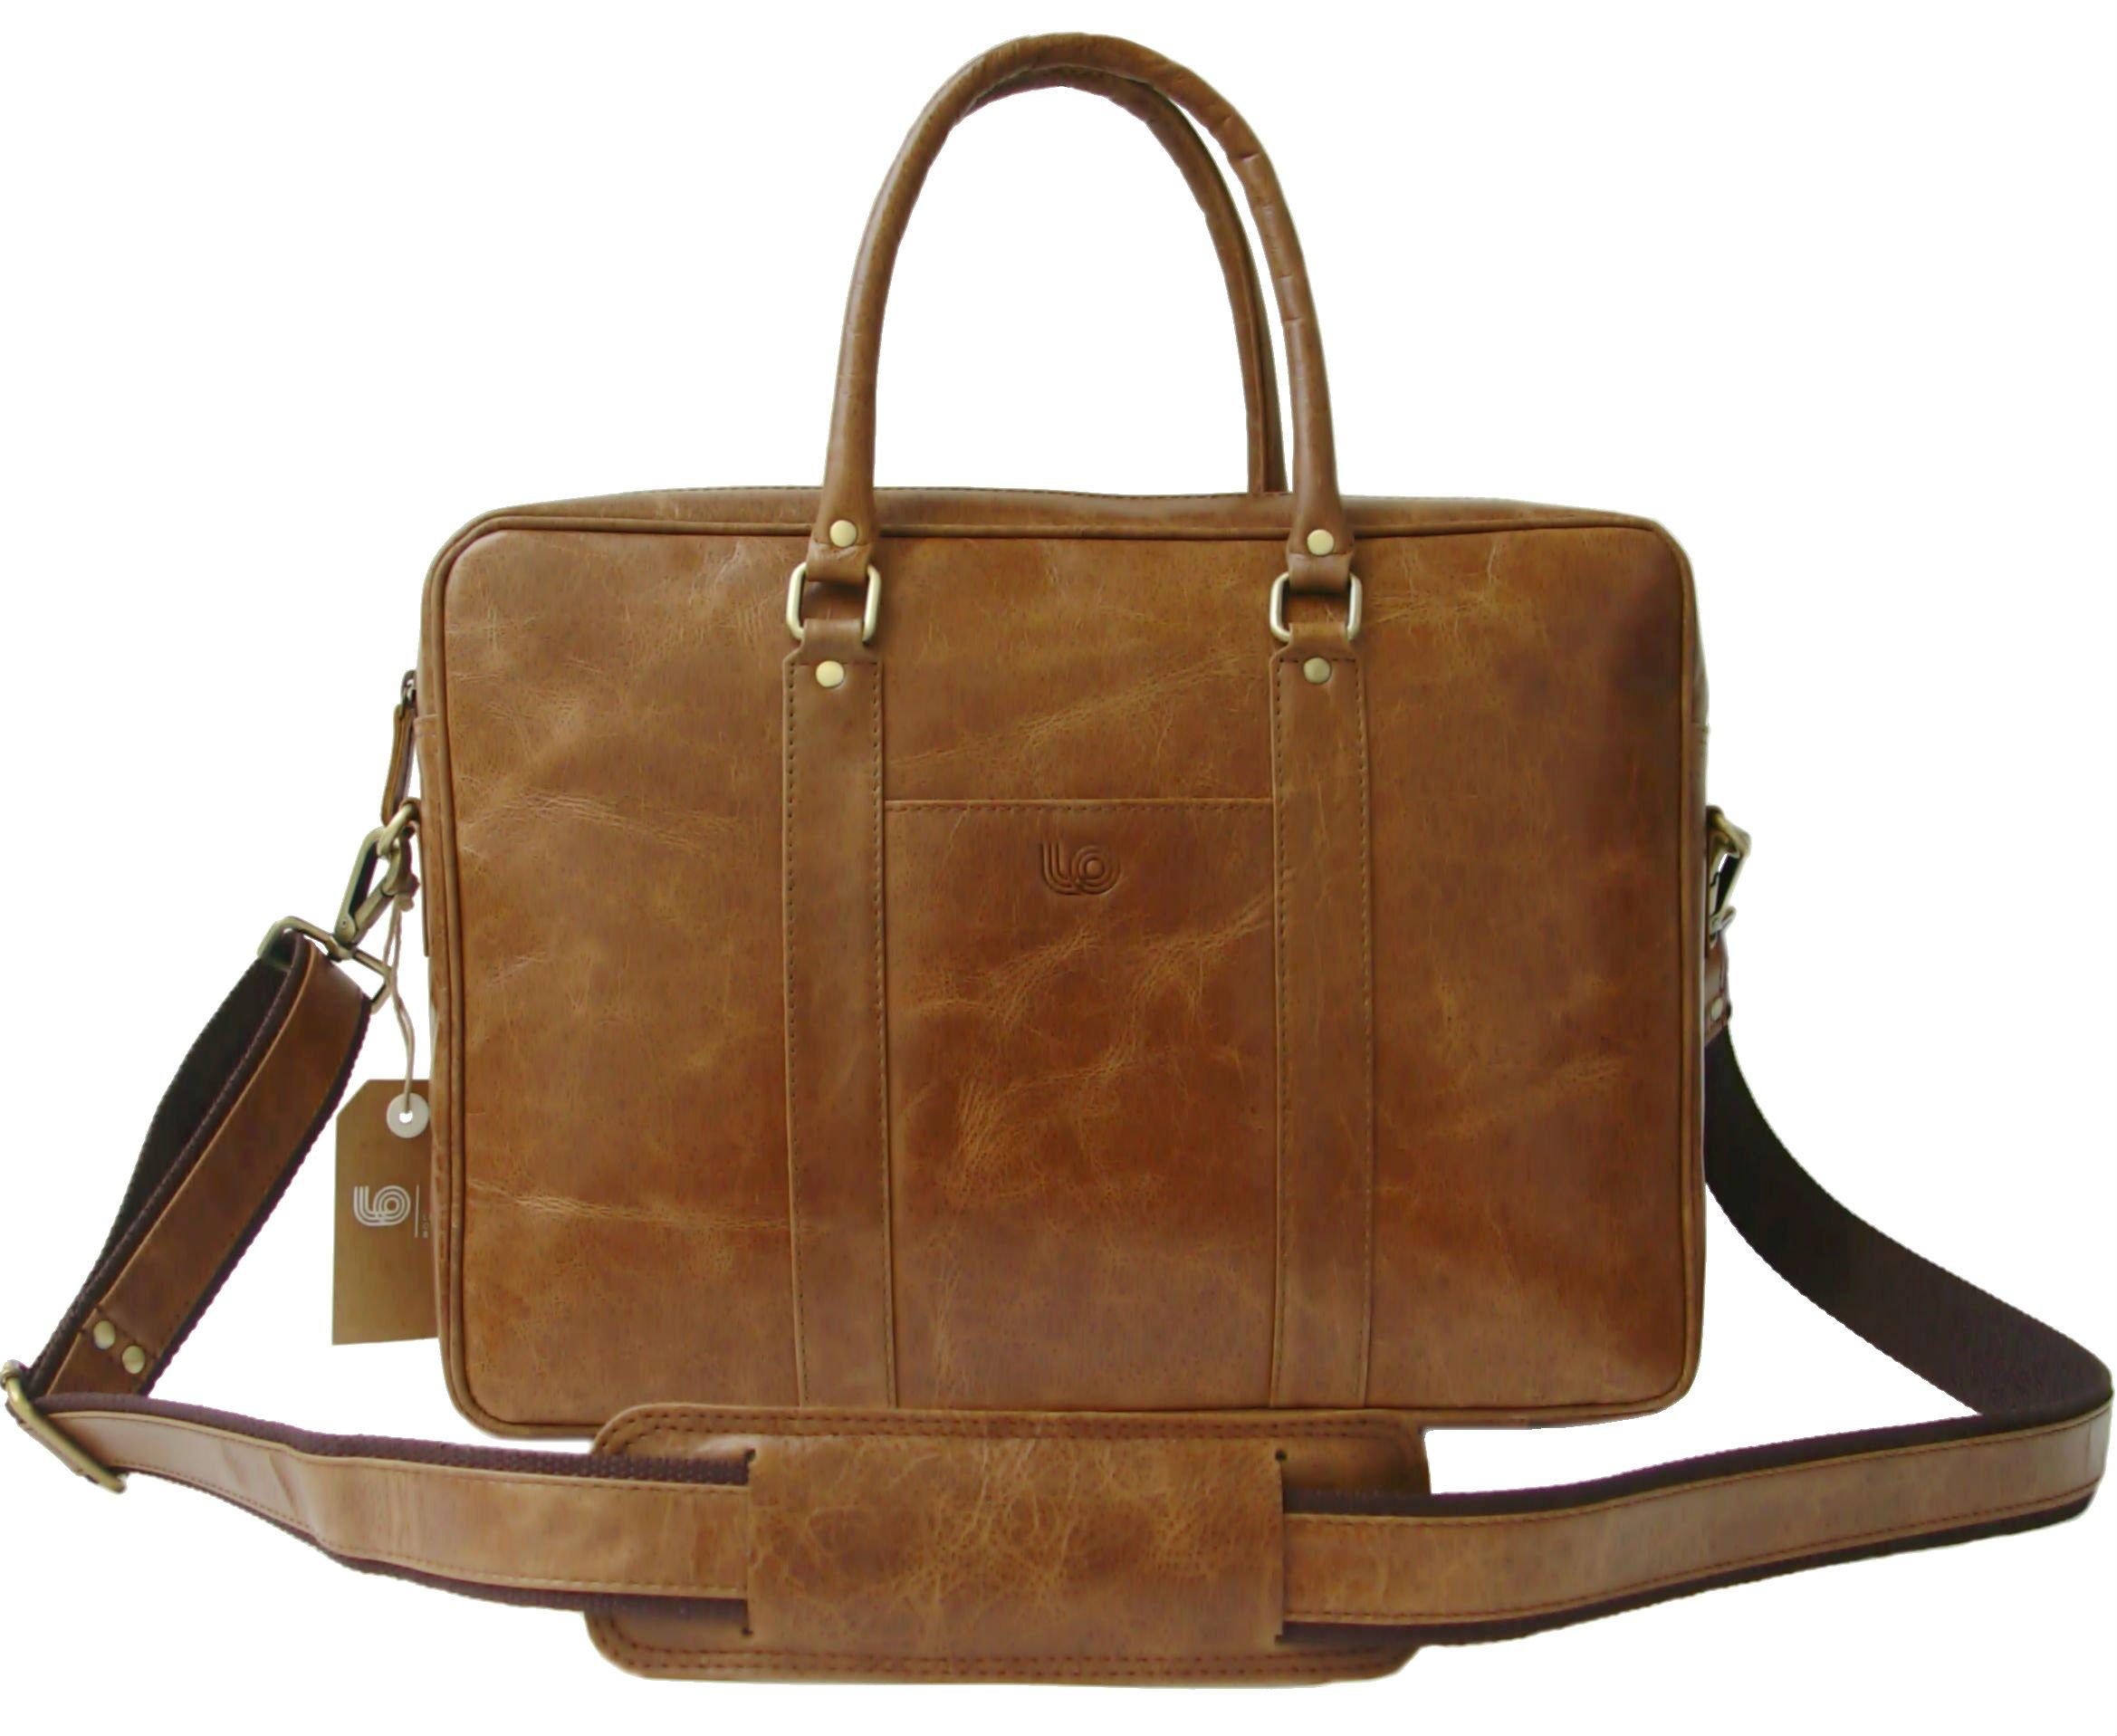 Leftover Studio Soft Slim Briefcase Laptop Messenger Bag Stachel Handcrafted in Rustic Vintage Look Leather